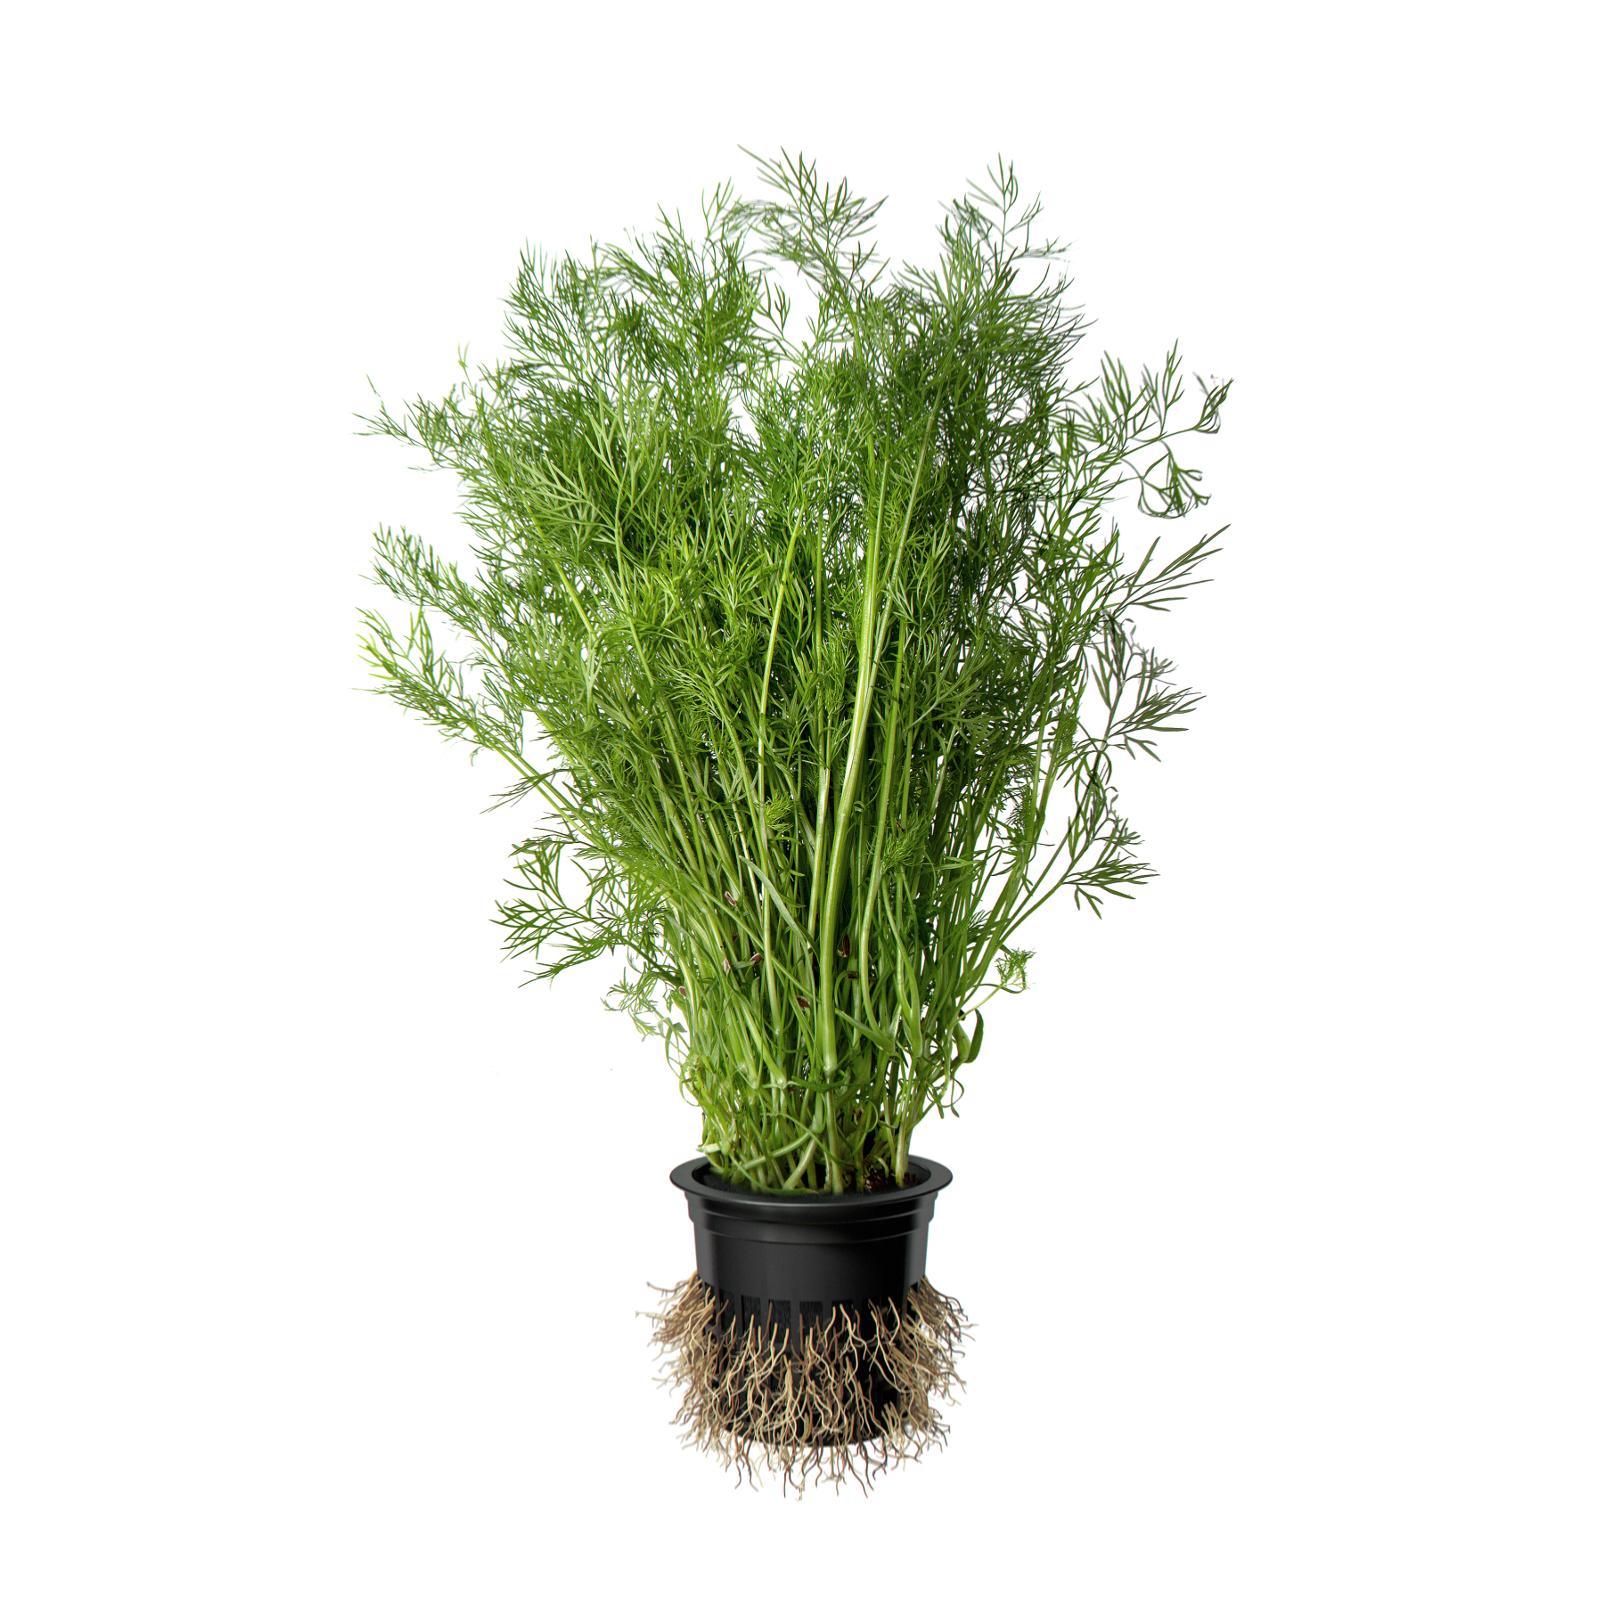 Image зелень в горшочке